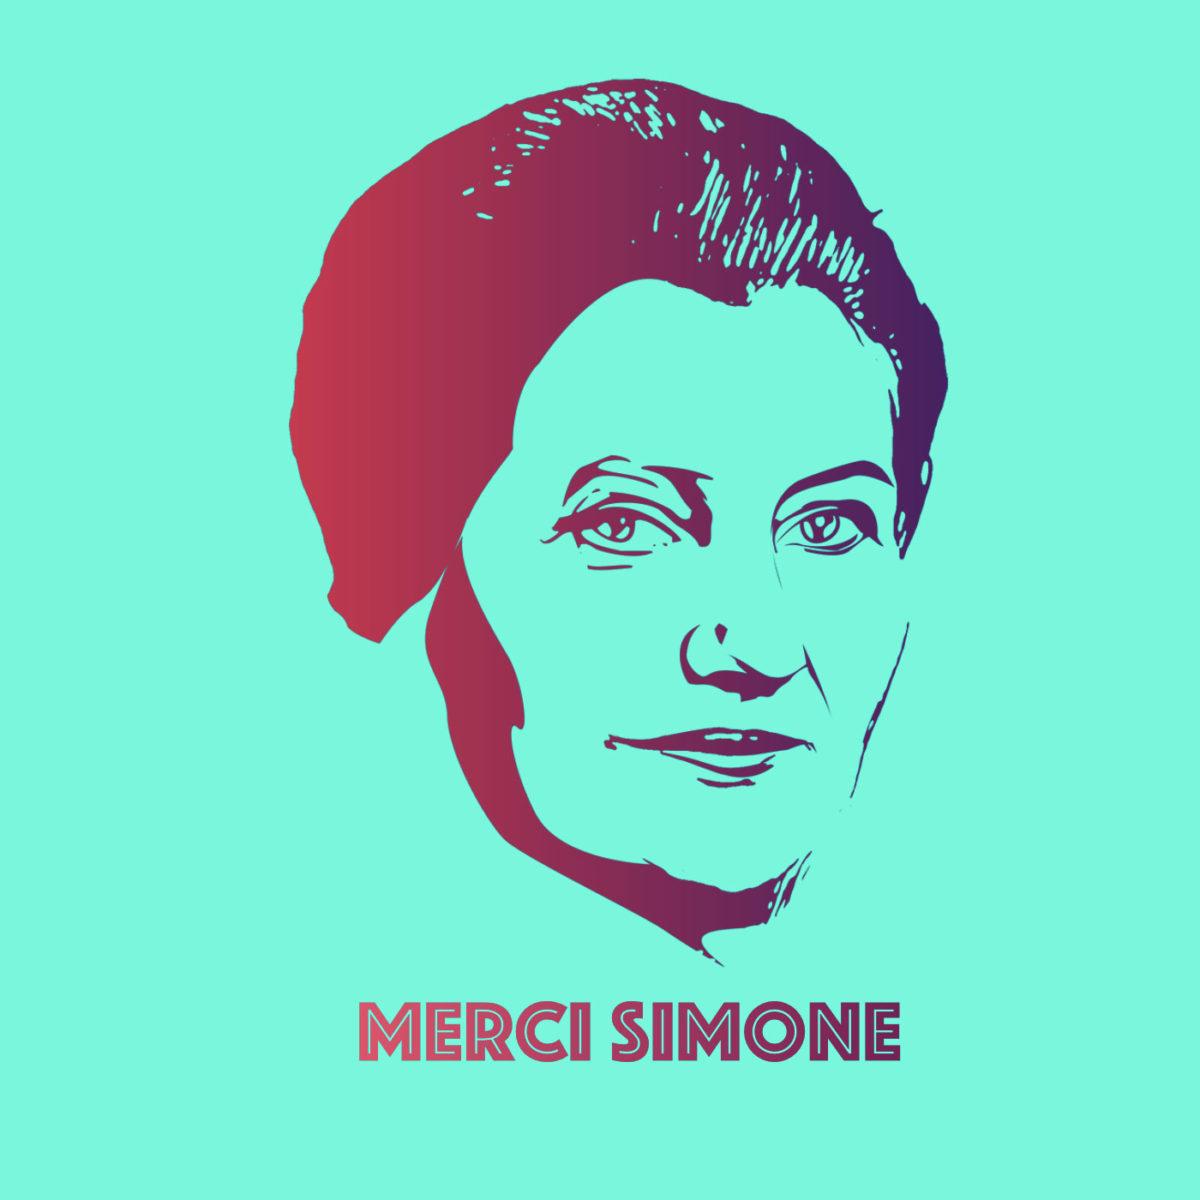 merci simone bleu pochoir - Merci Simone, le collectif qui affiche Simone Veil sur les murs de la ville